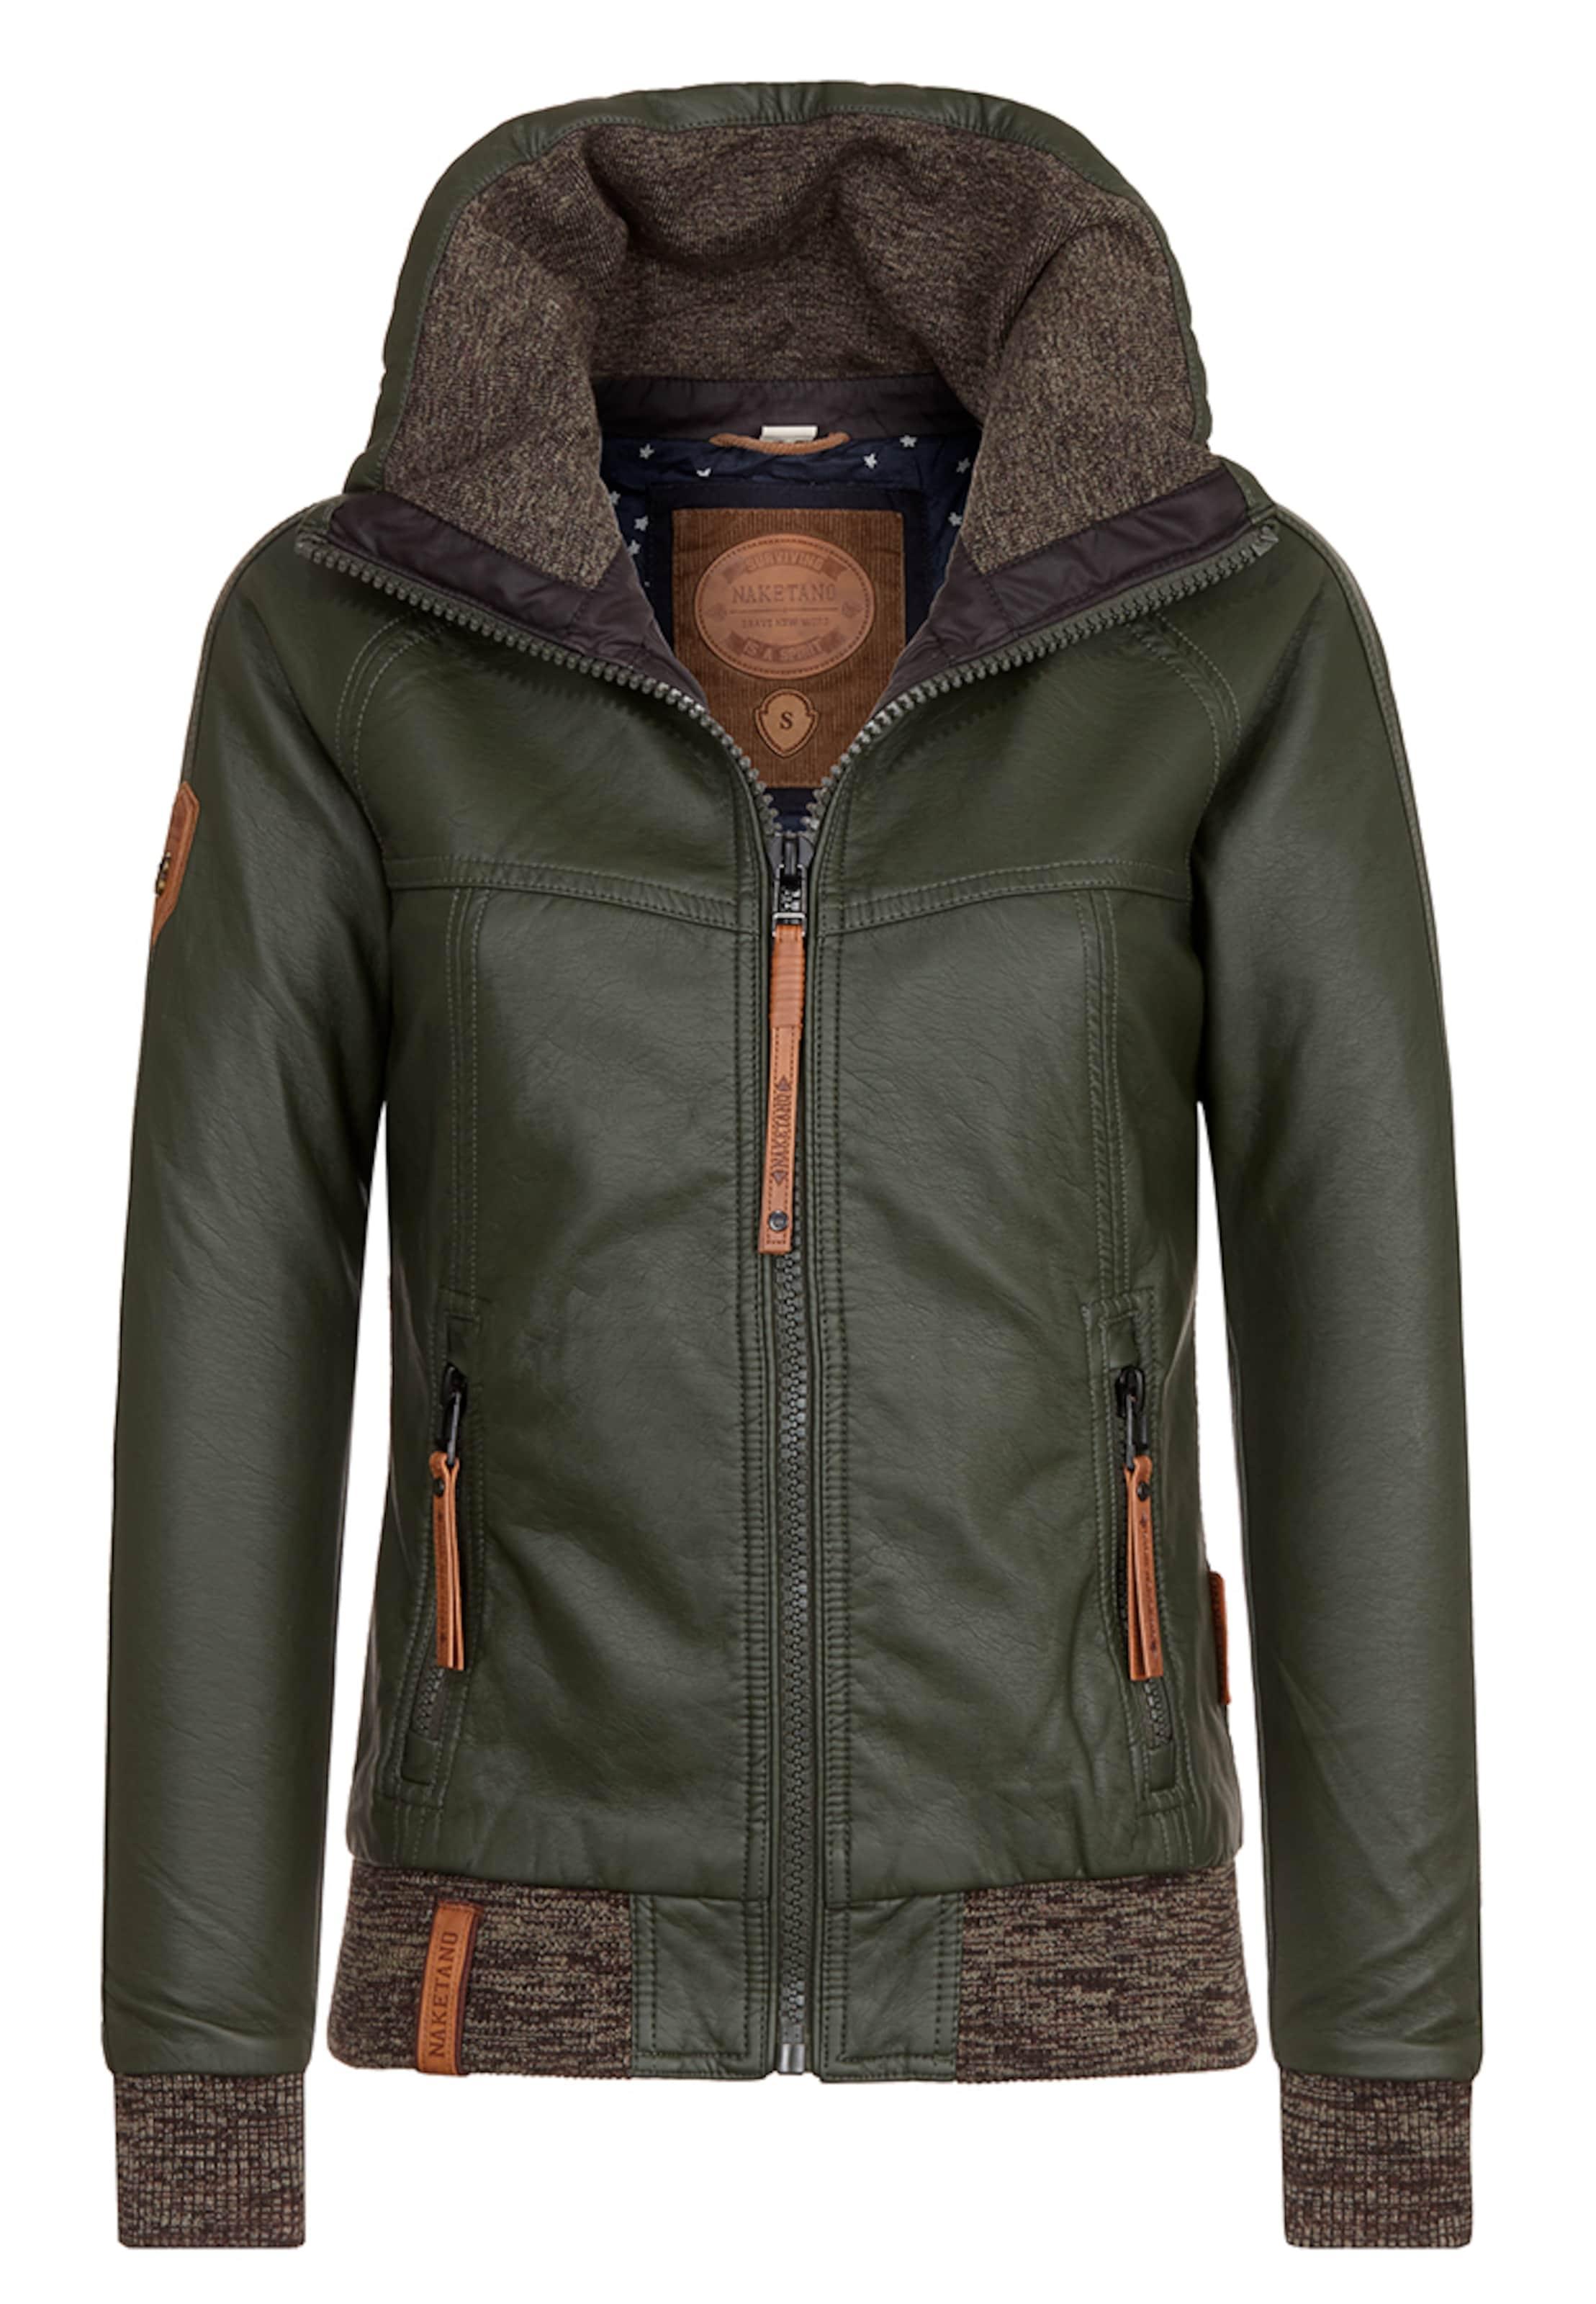 Billig 100% Authentisch naketano Female Jacket 'Hilde Gorgonzola' Billige Neuesten Kollektionen 100% Ig Garantiert Verkauf Online gDjNz2